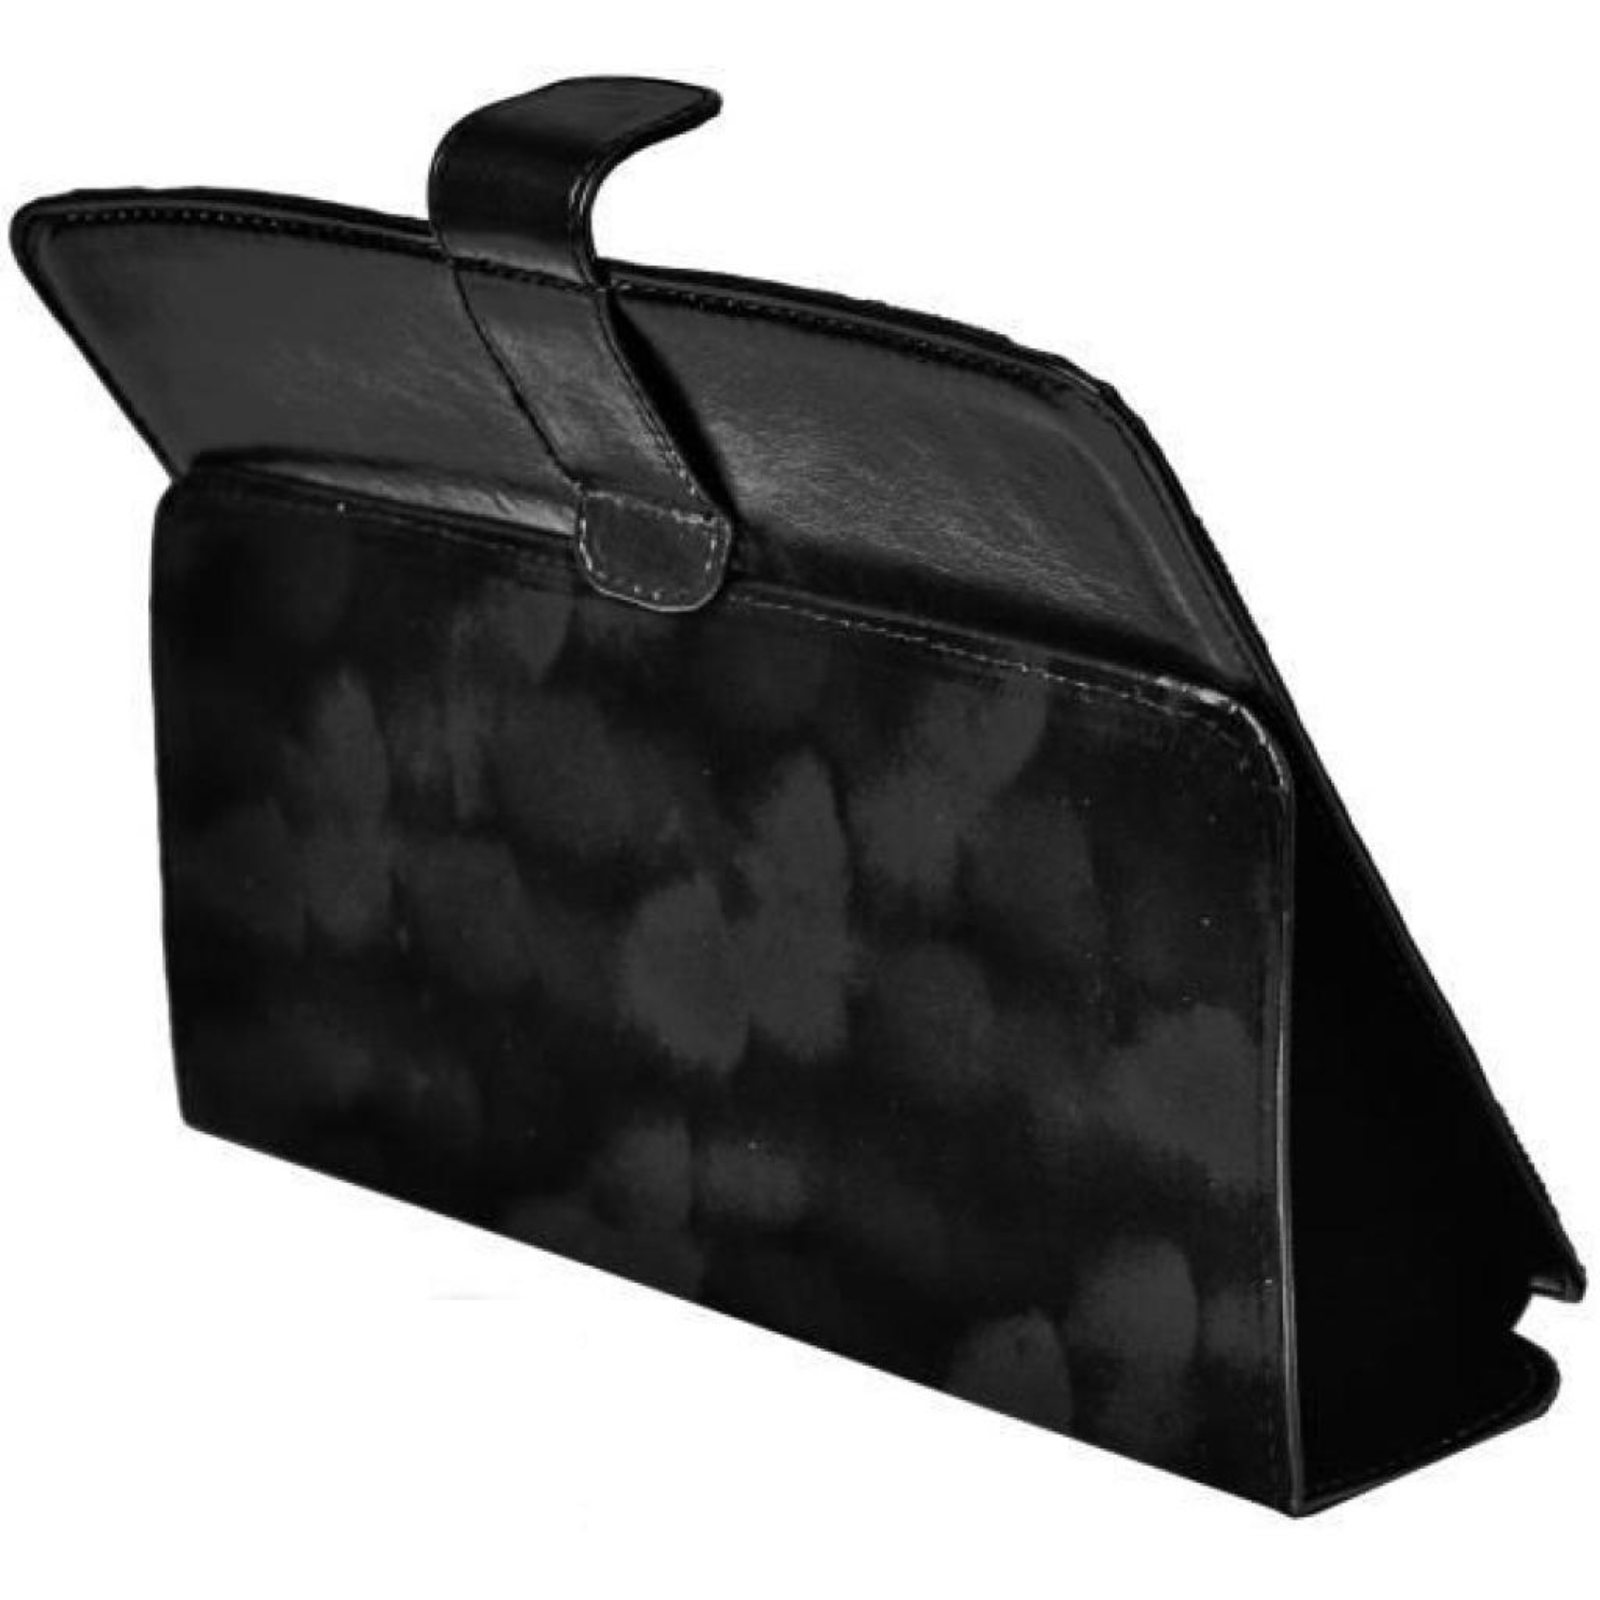 Чехол для планшета Vento 9.7 COOL - black изображение 2